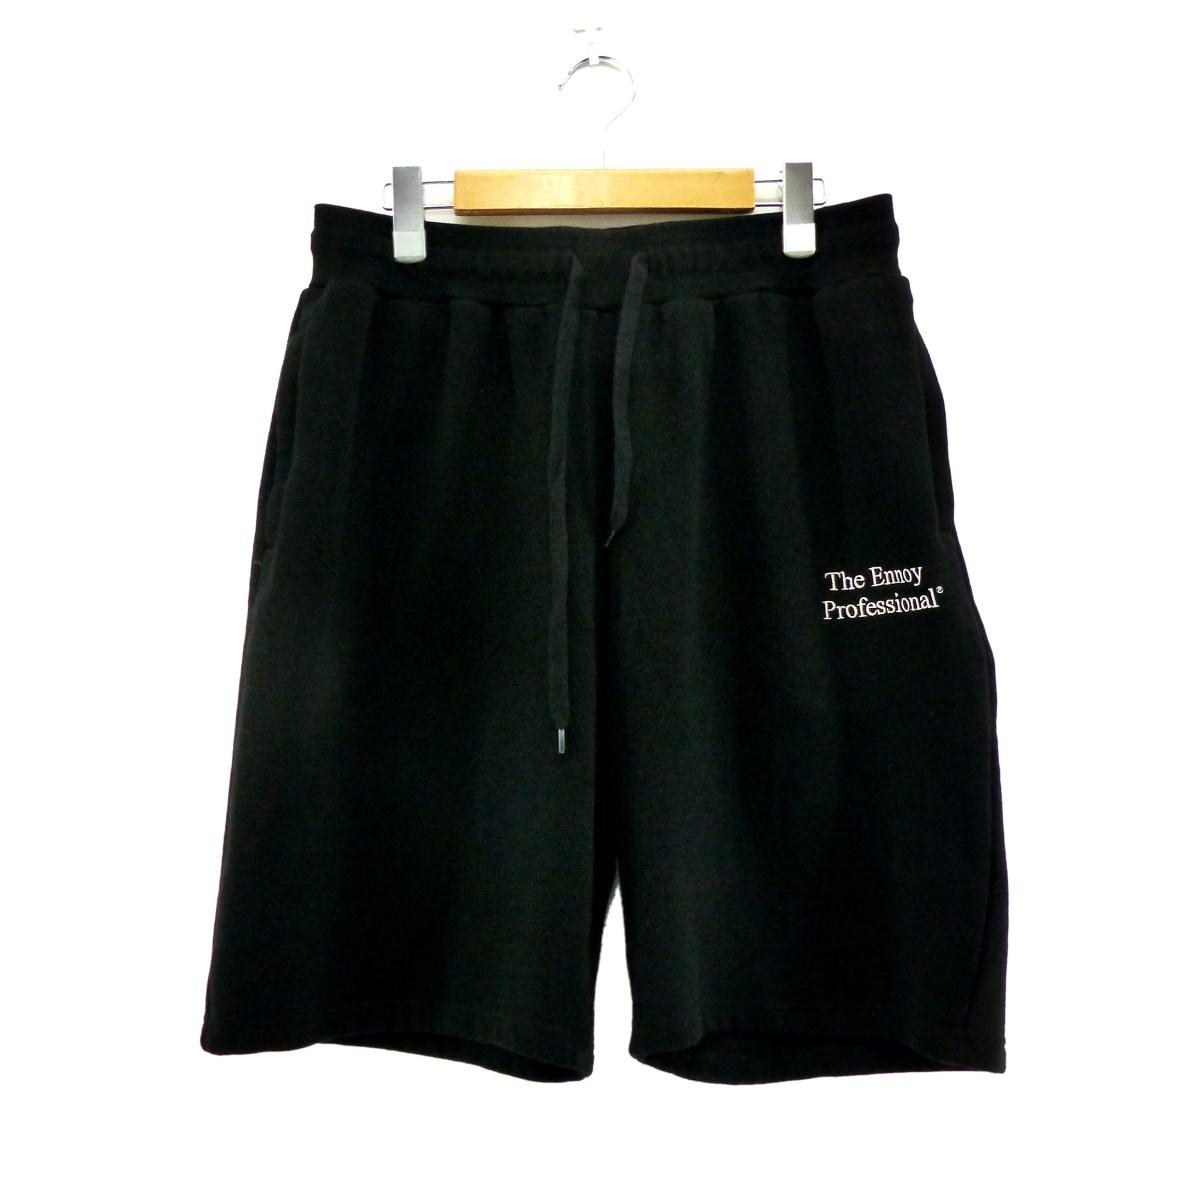 【中古】ENNOY ロゴ刺繍 ハーフパンツ ブラック サイズ:L 【200320】(エンノイ)